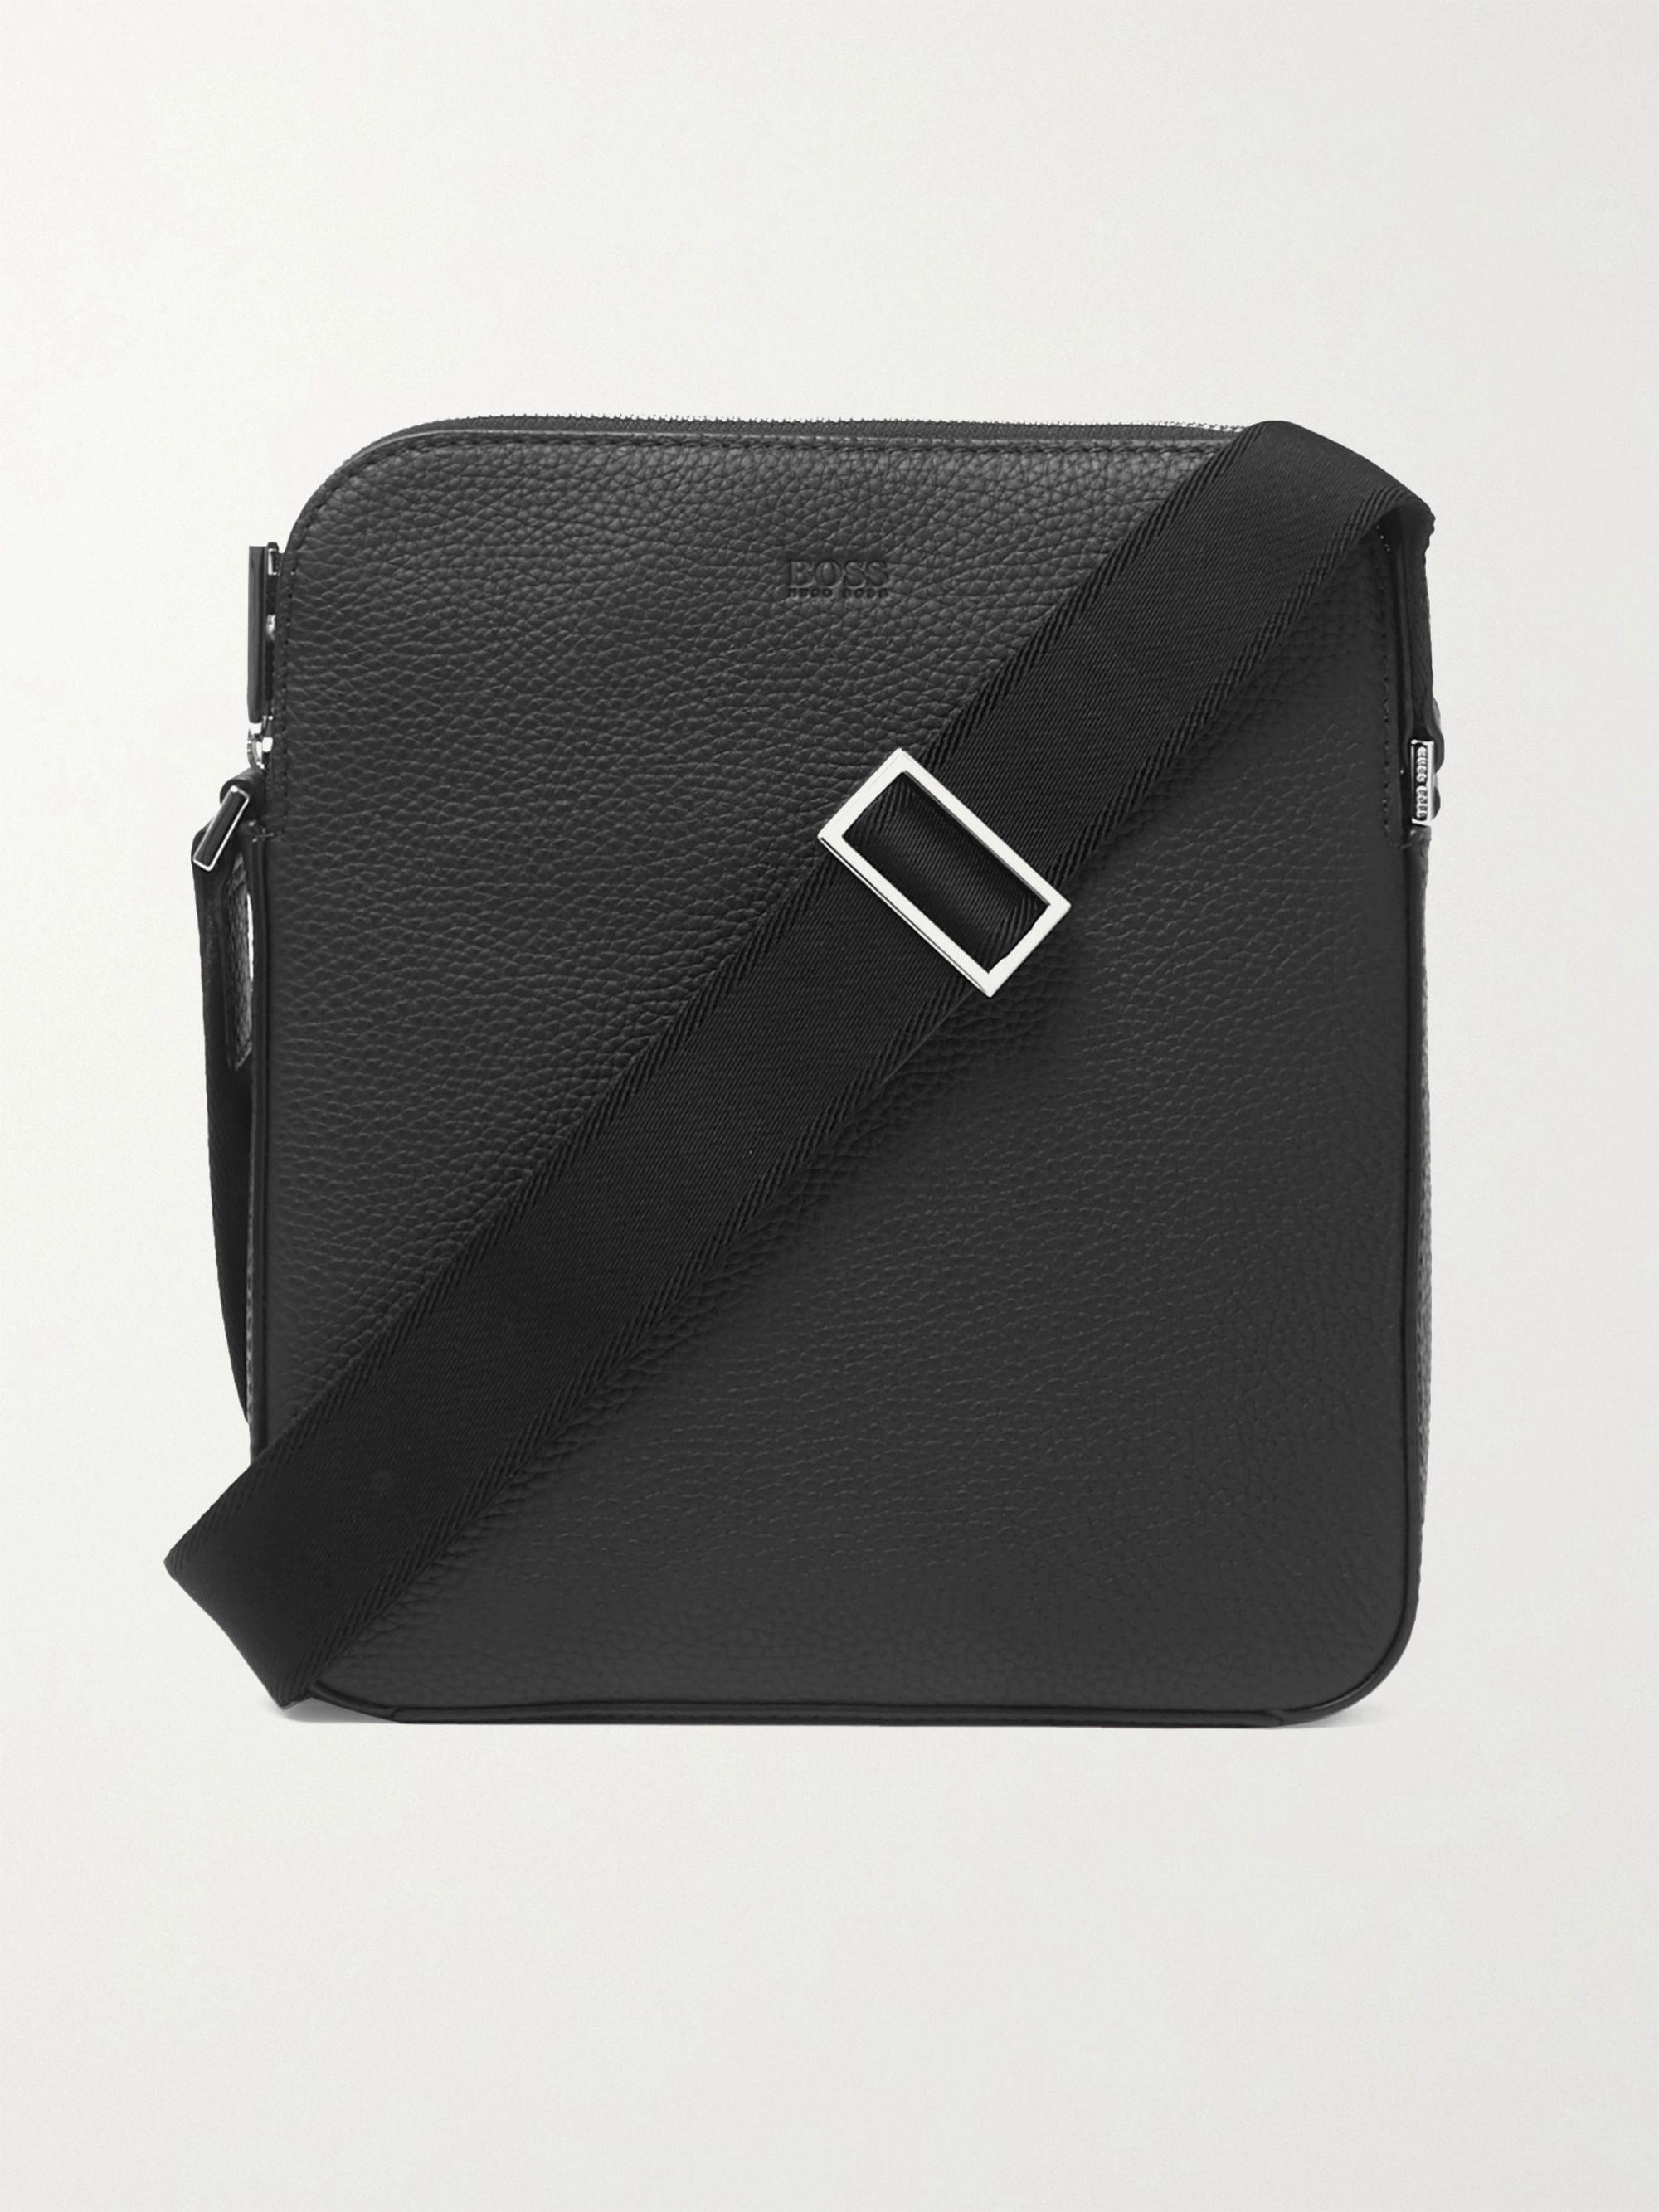 Hugo Boss Crosstown Full-Grain Leather Messenger Bag,Black